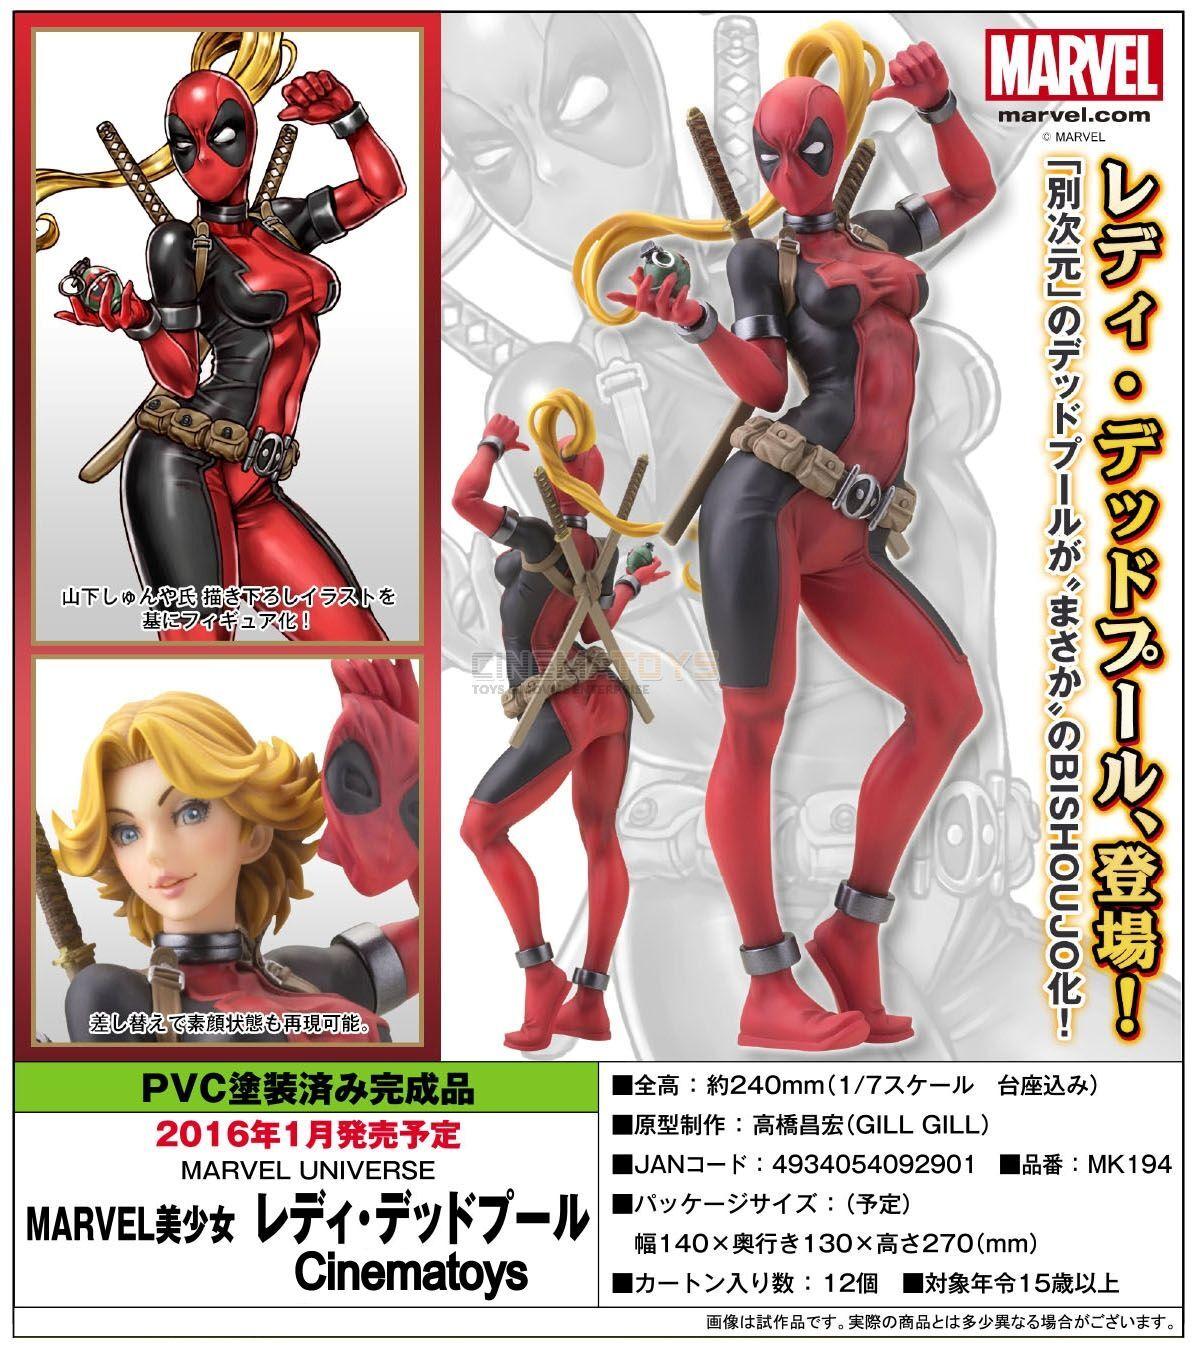 förundras serier Bishojo Sexy Staty Lady Deadpool 1  7 skala Maskerade och Figur